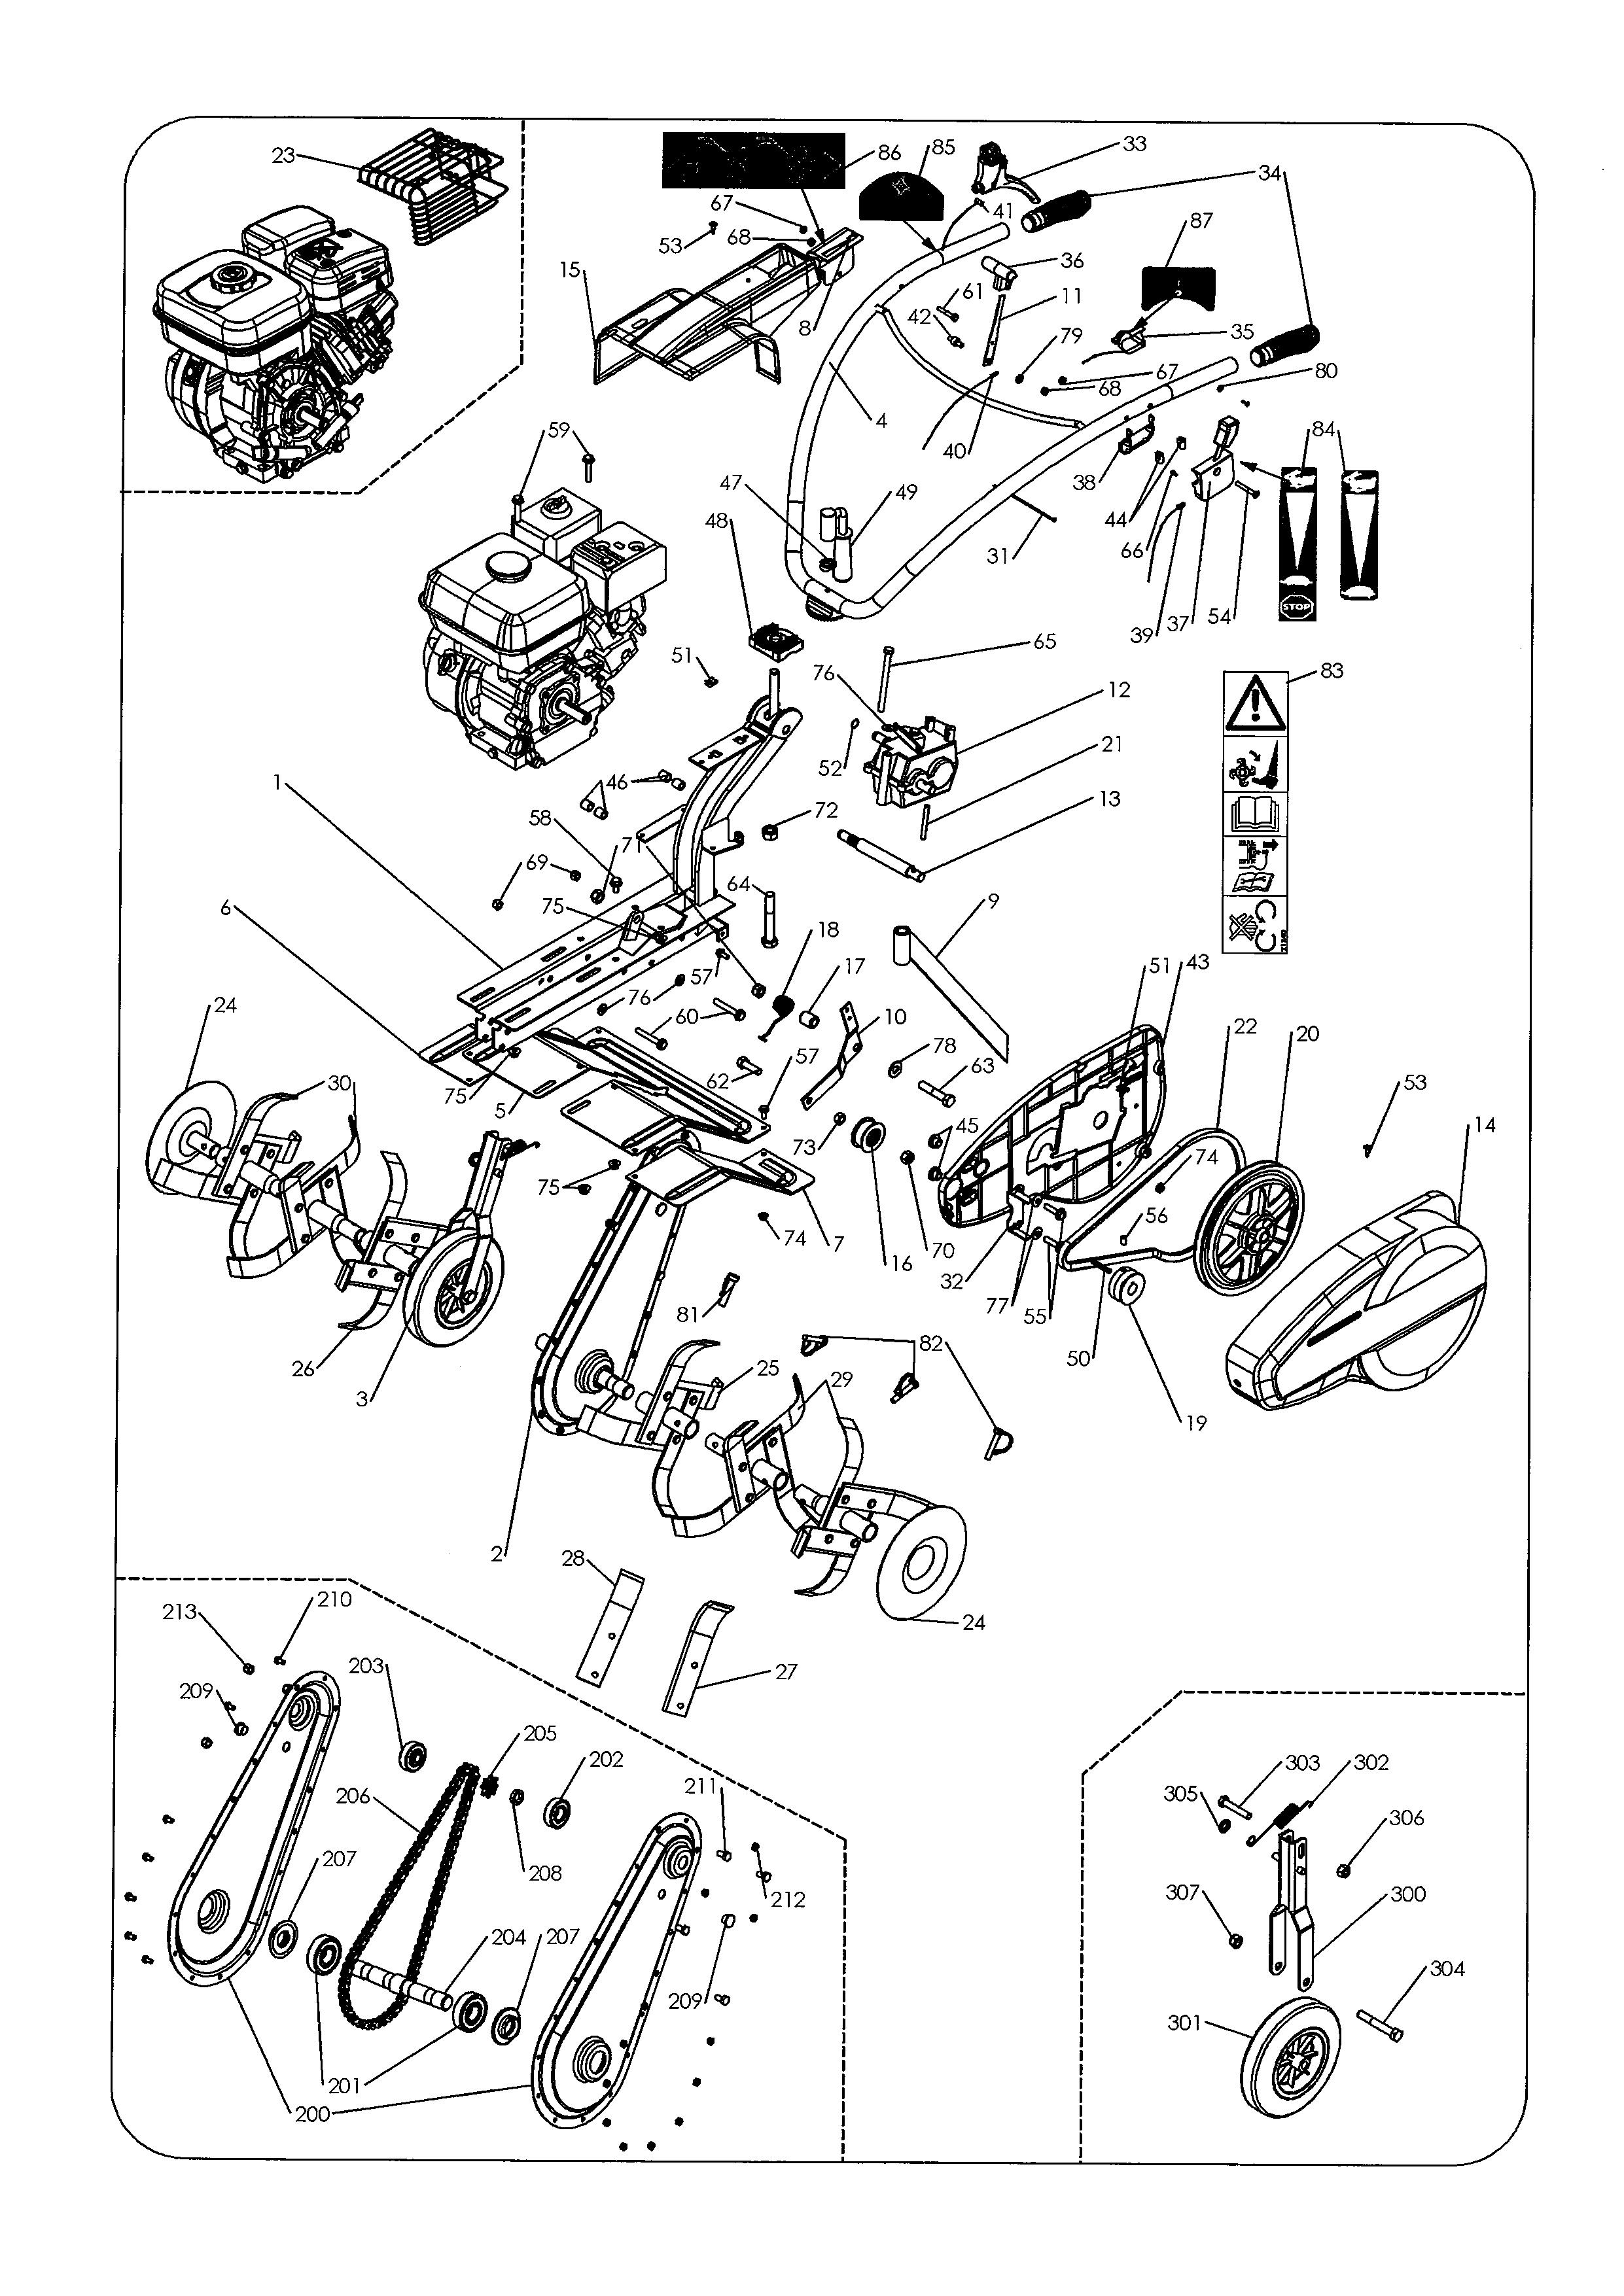 MH6 PRO NM Motobineuse OLEOMAC Dessins pièces -  Vue éclatée